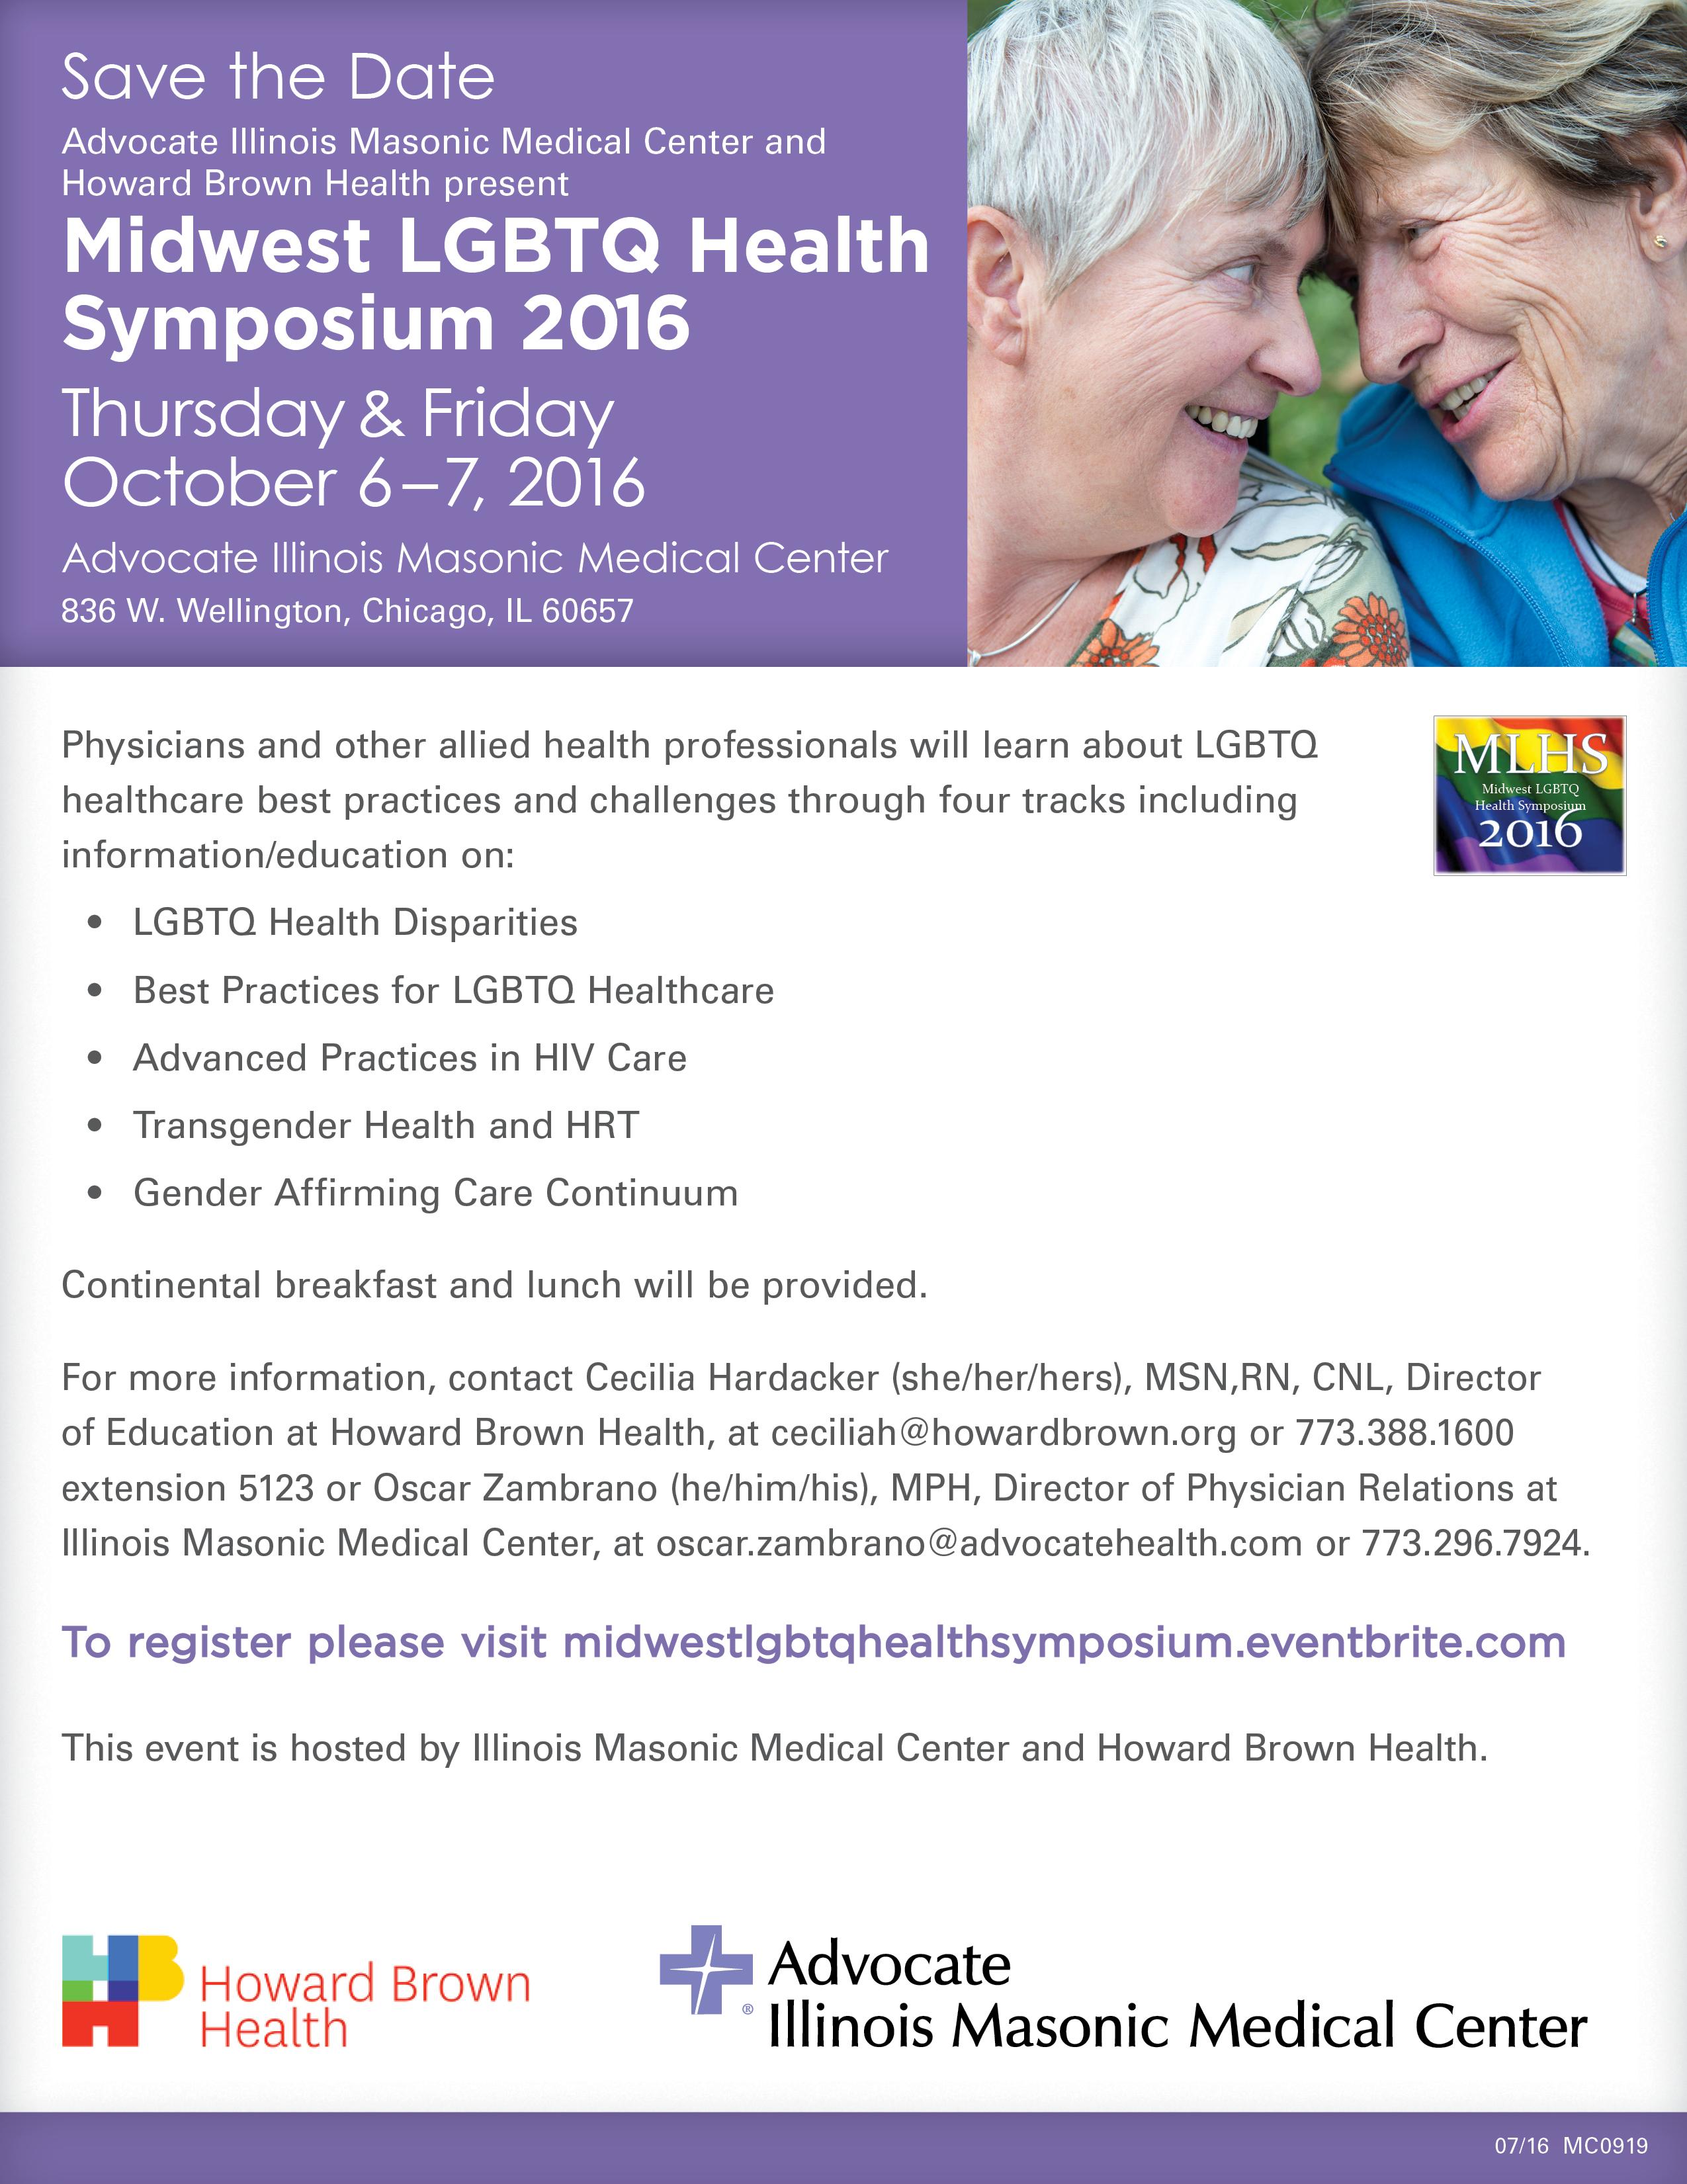 Midwest LGBTQ Health Symposium 2016